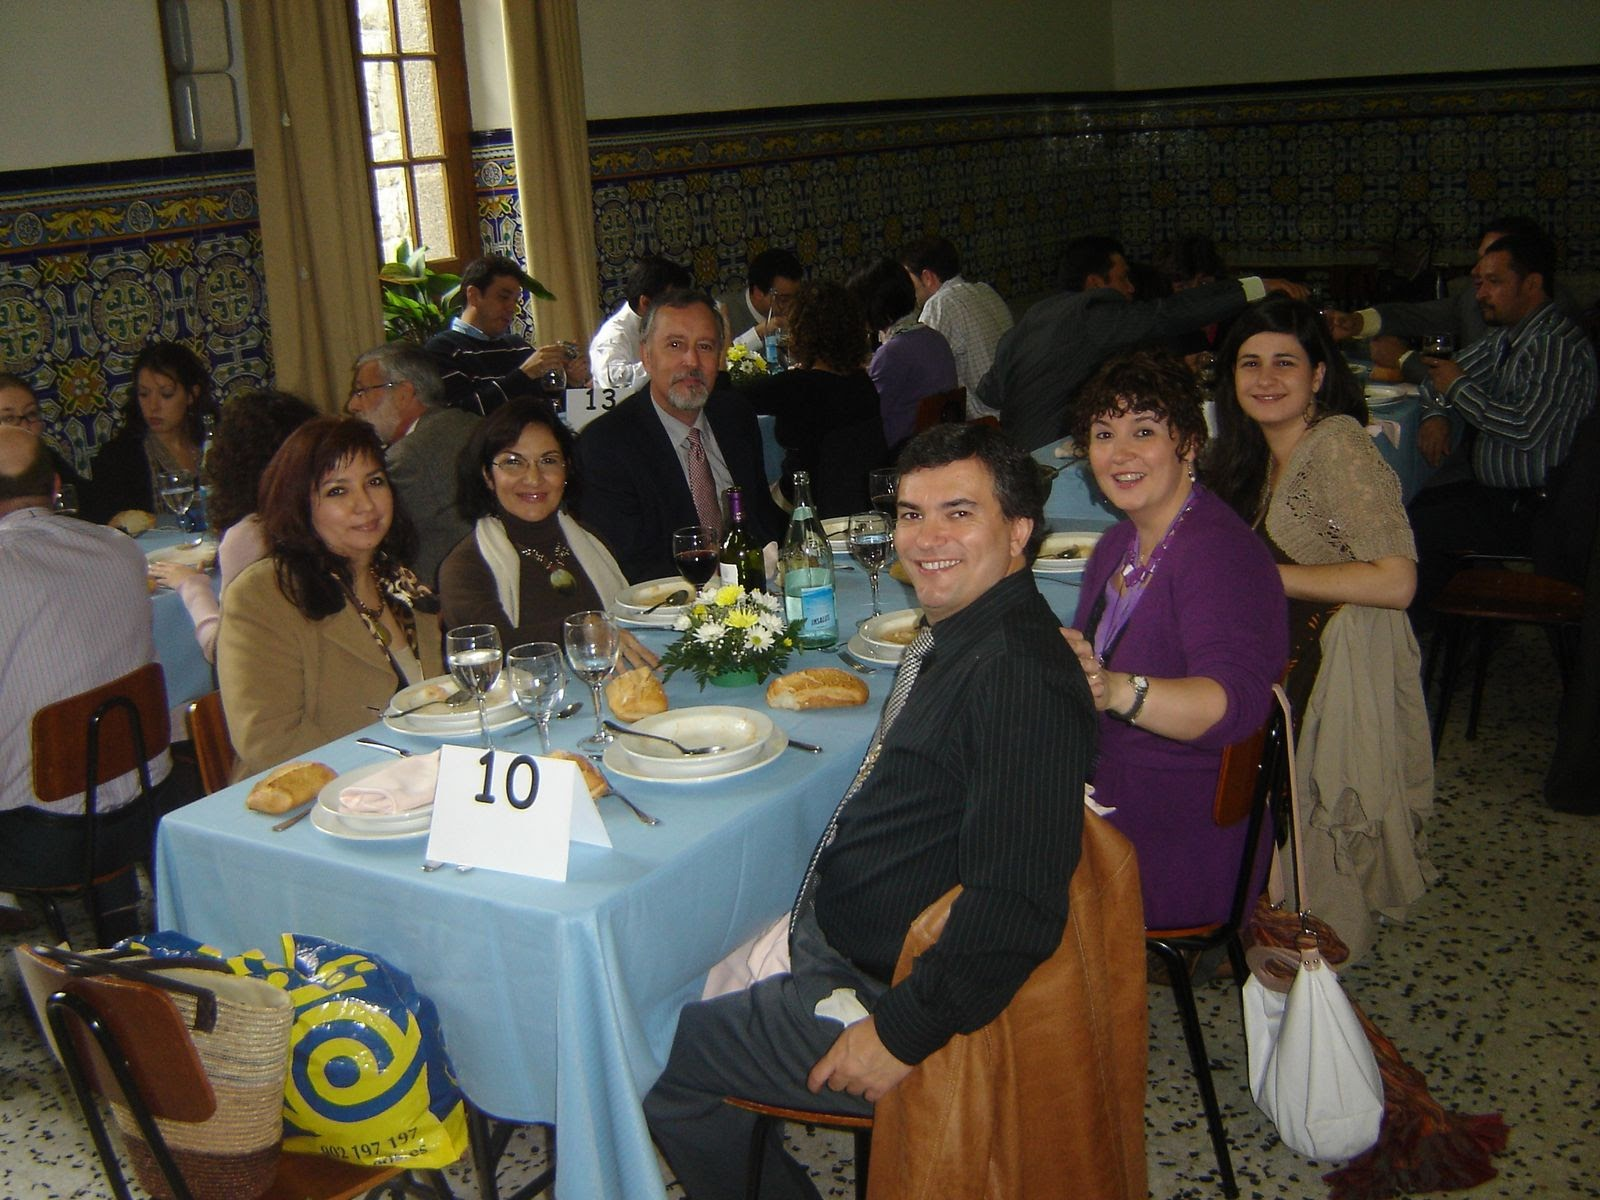 Picasa - 25 Aniversario SdJ 2008.05.30-31(106).jpg